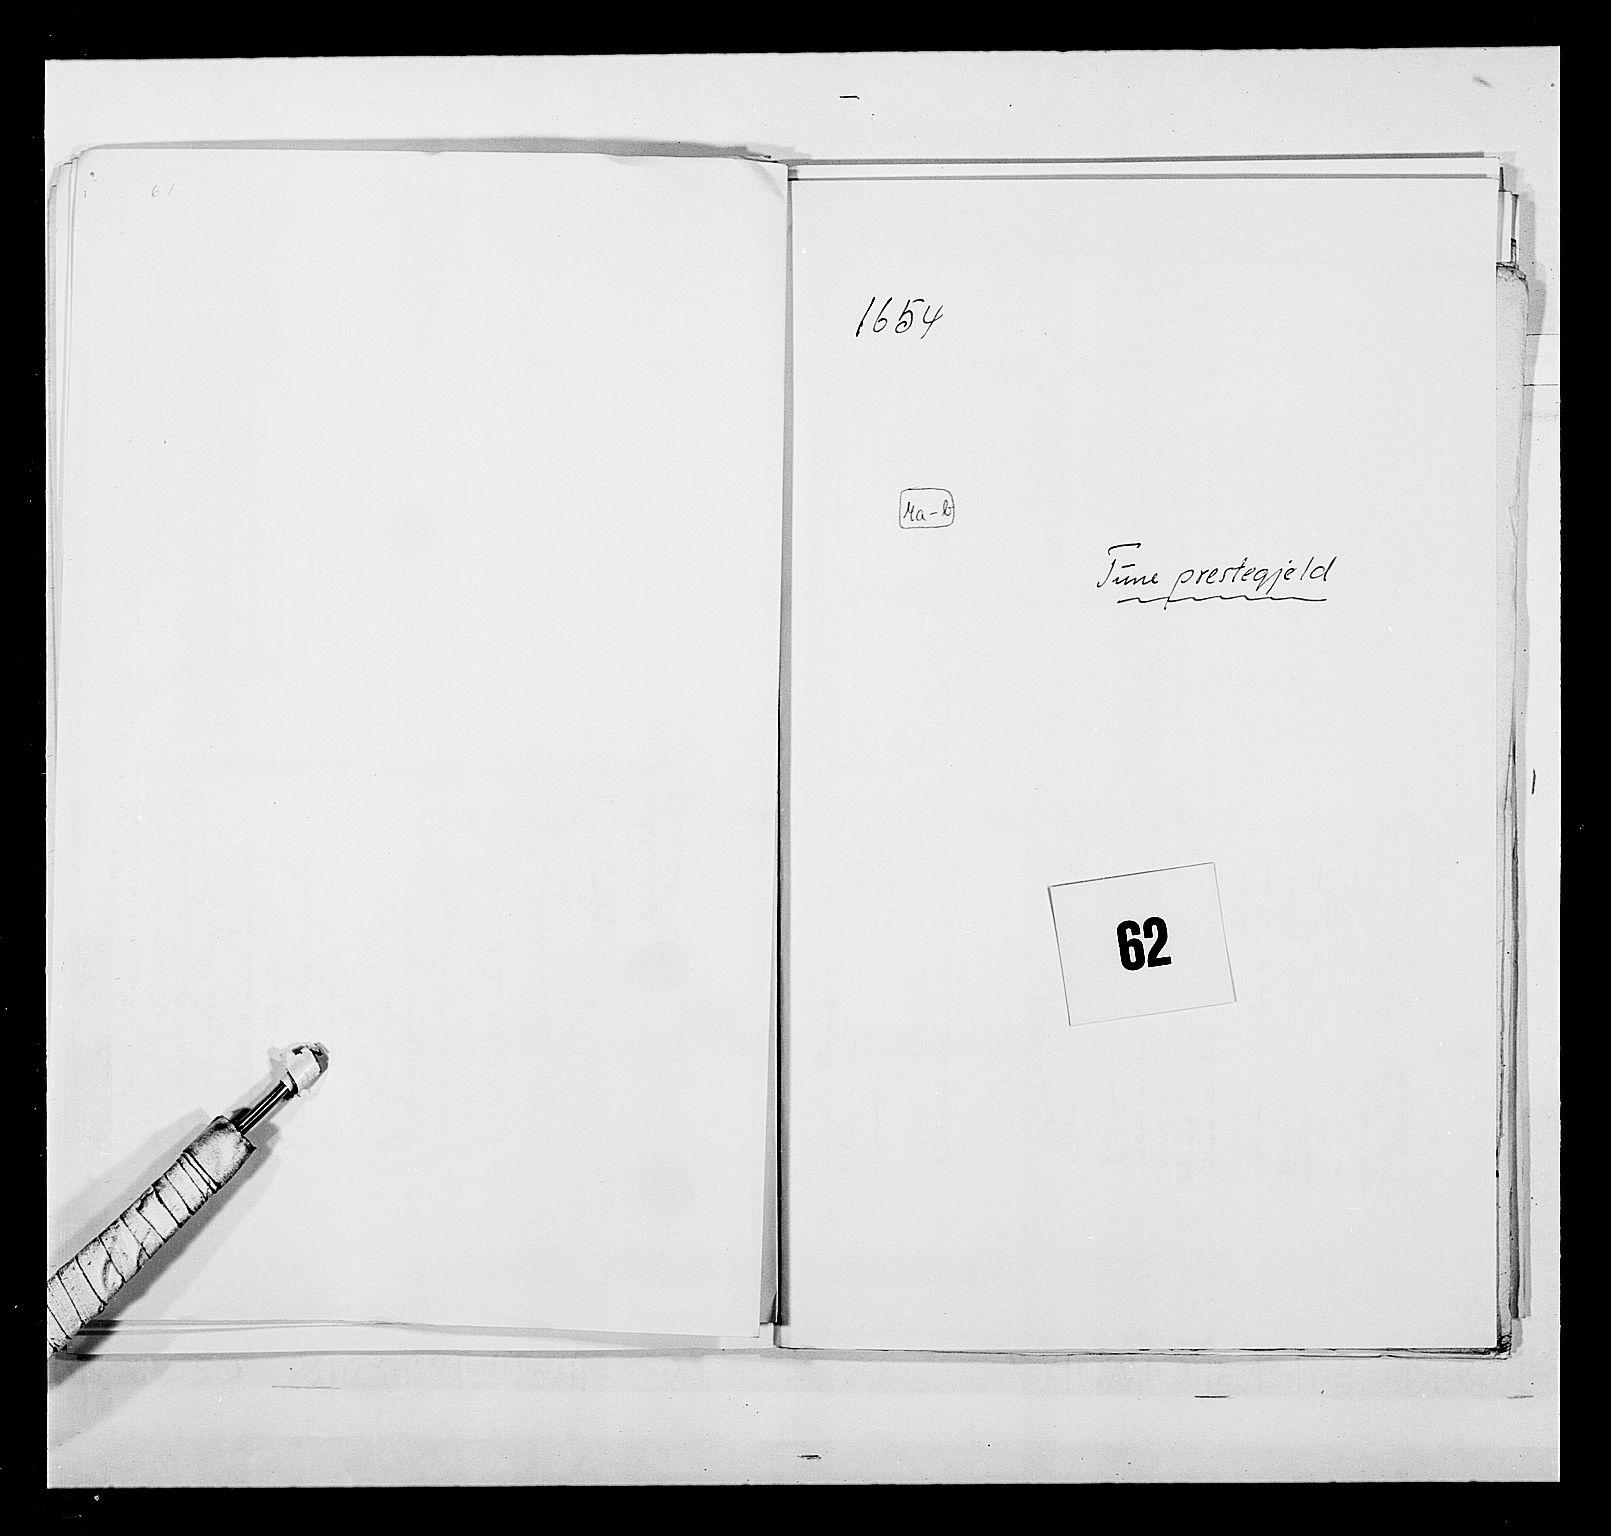 RA, Stattholderembetet 1572-1771, Ek/L0030: Jordebøker 1633-1658:, 1654, s. 290